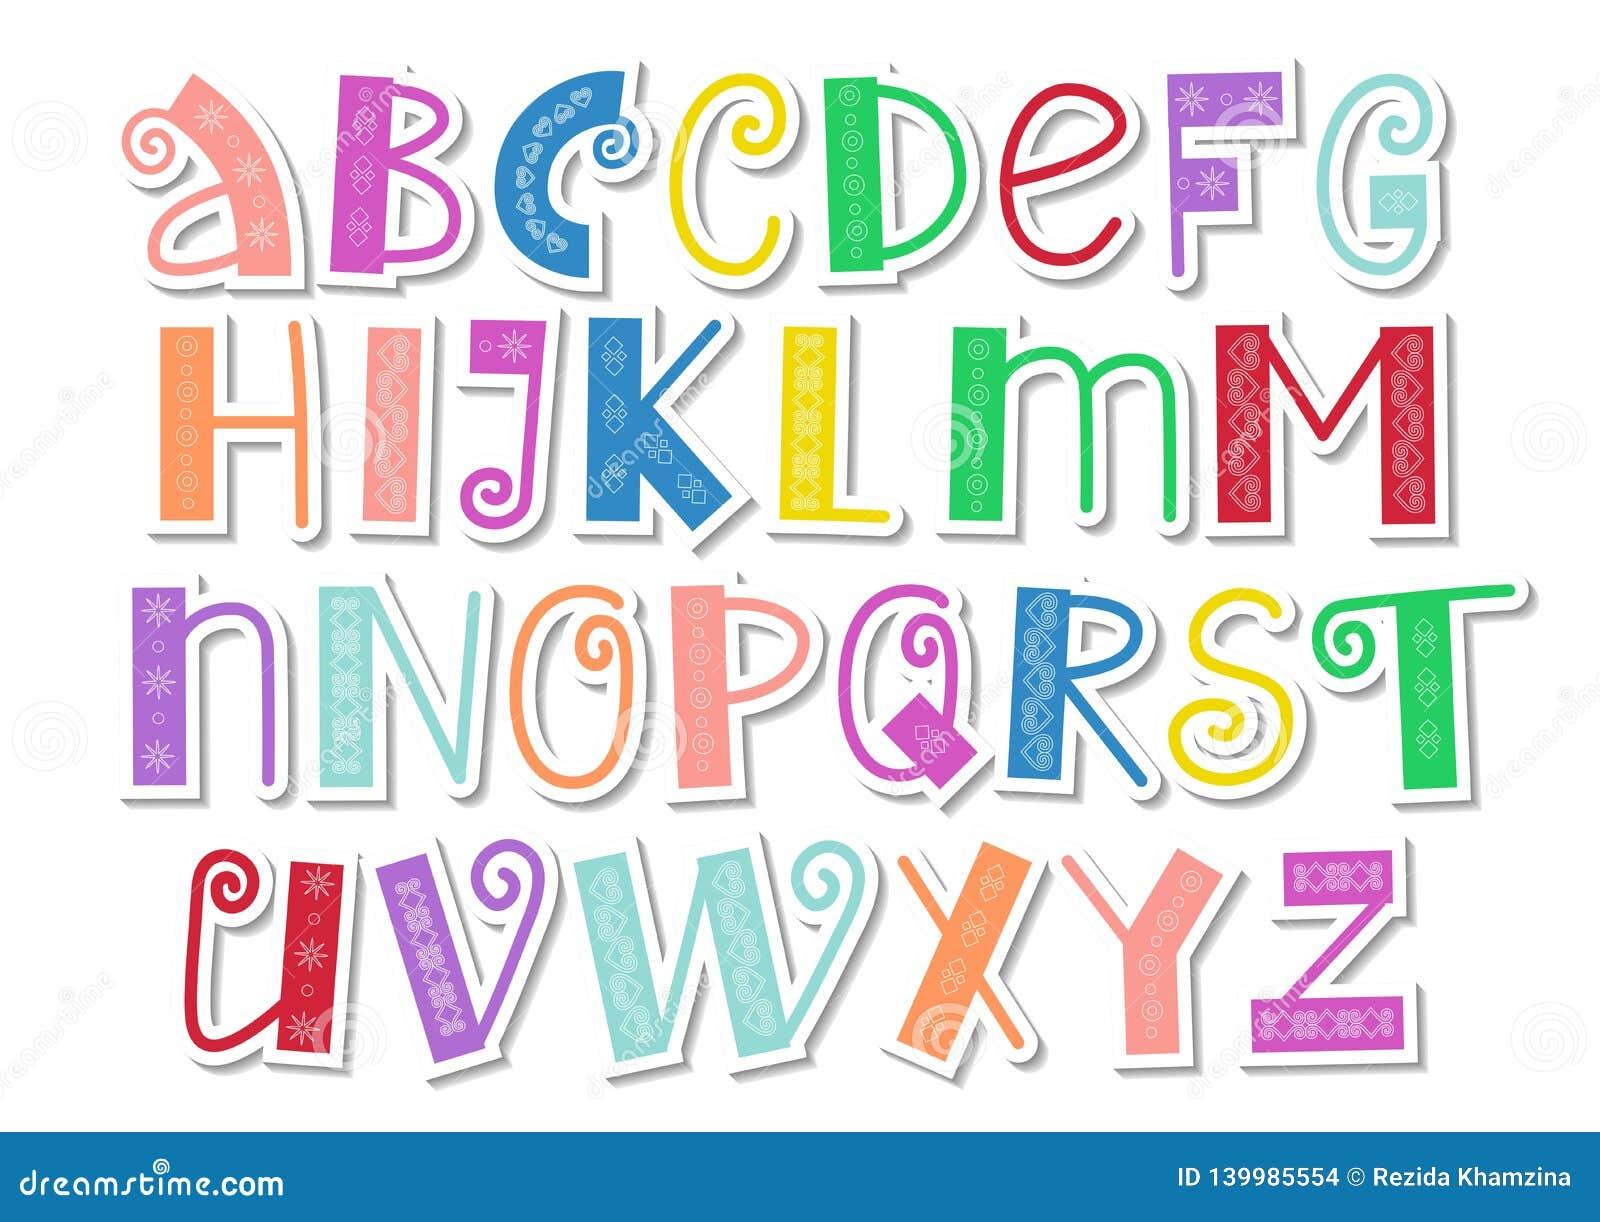 Het decoratieve kleurrijke Latijnse alfabet met wervelingen en het ornament in document snijden stijl op wit